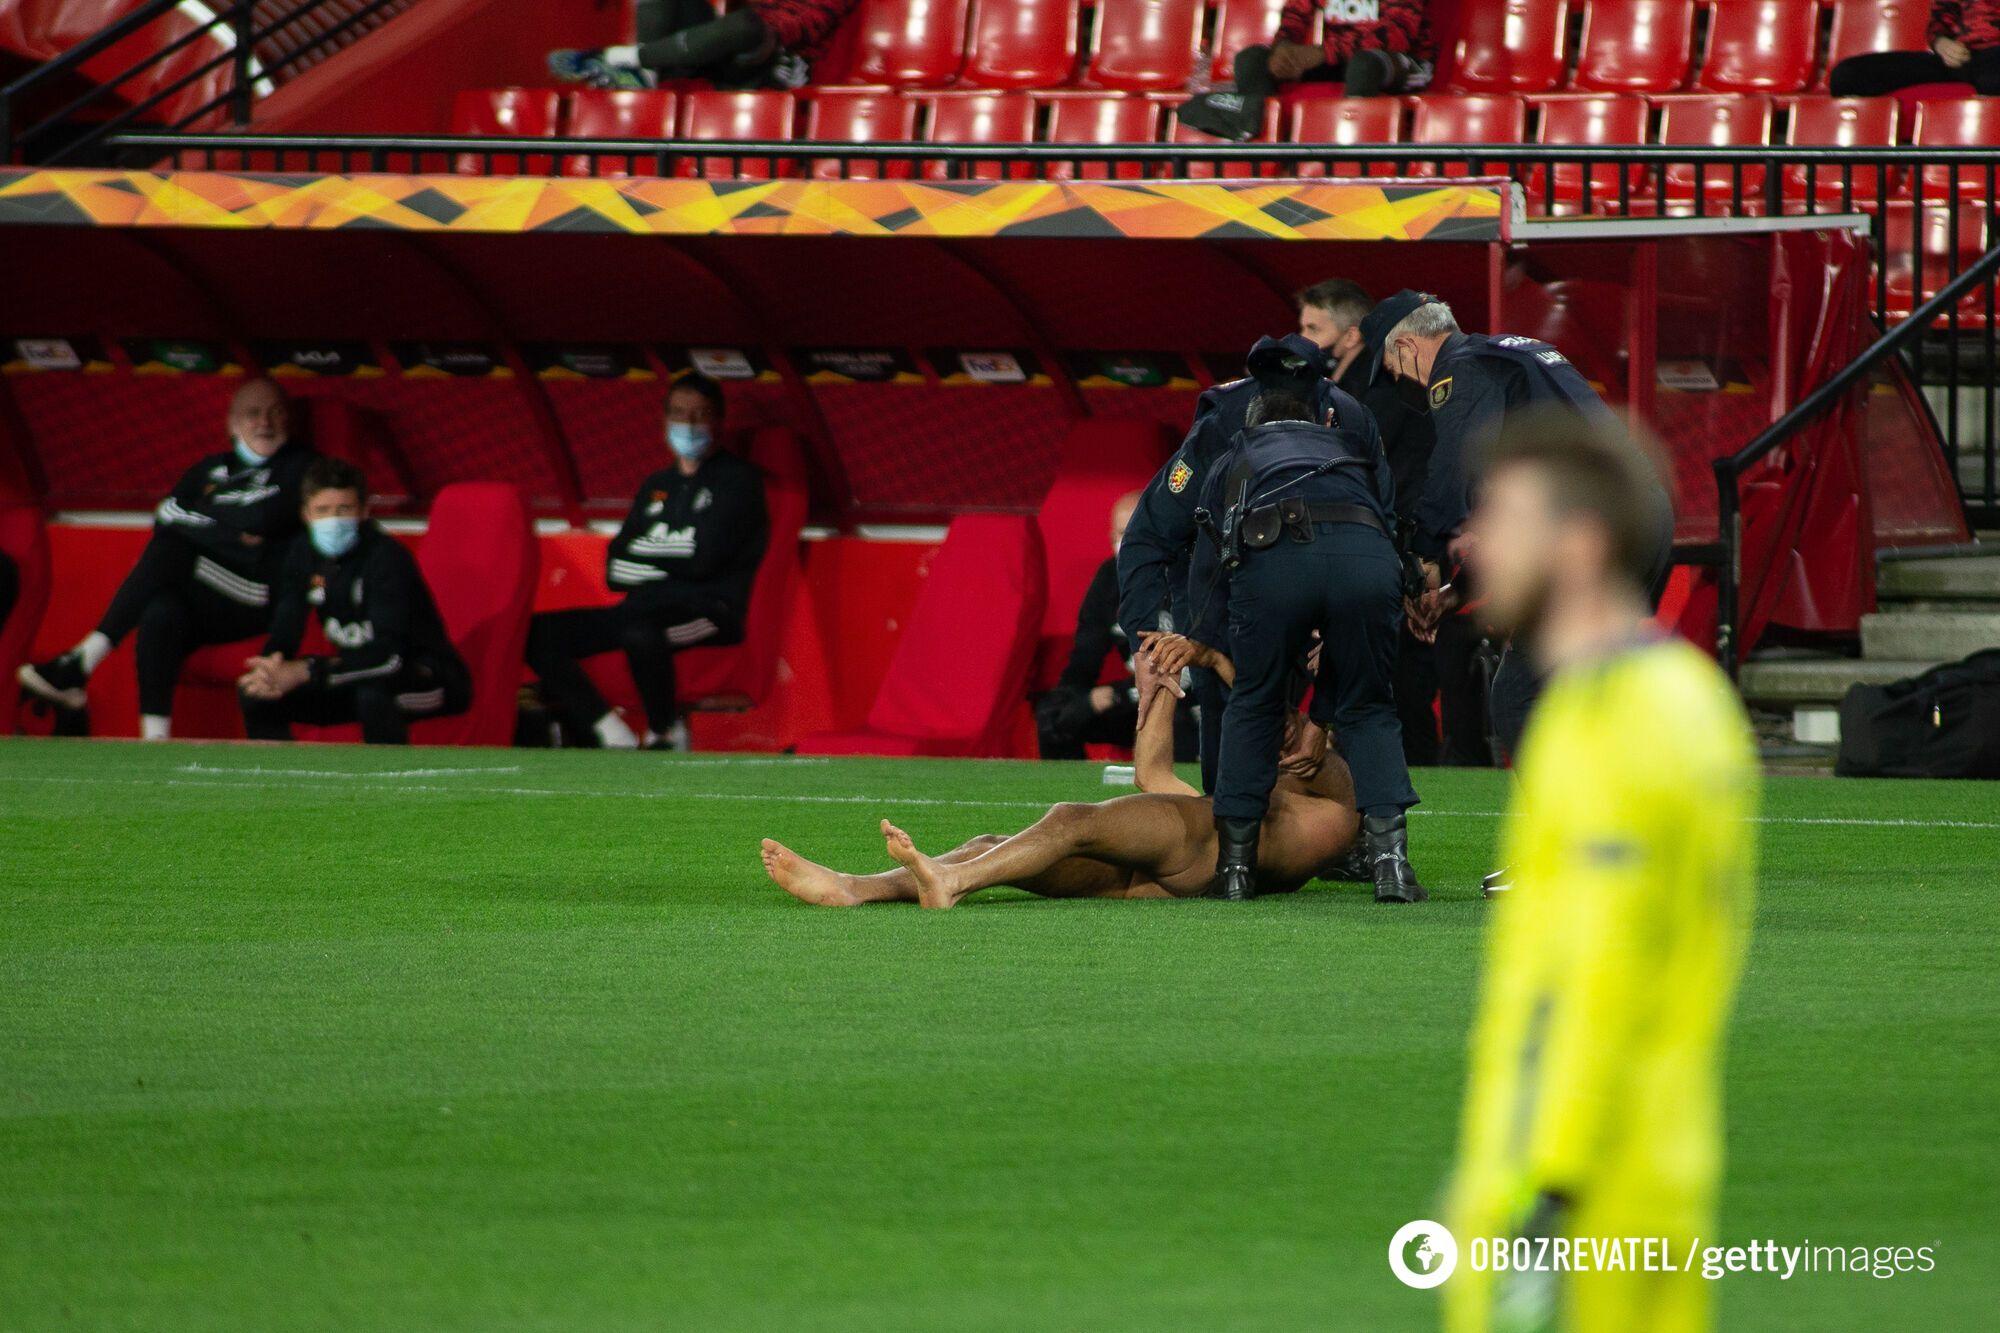 Чоловік впав на траву